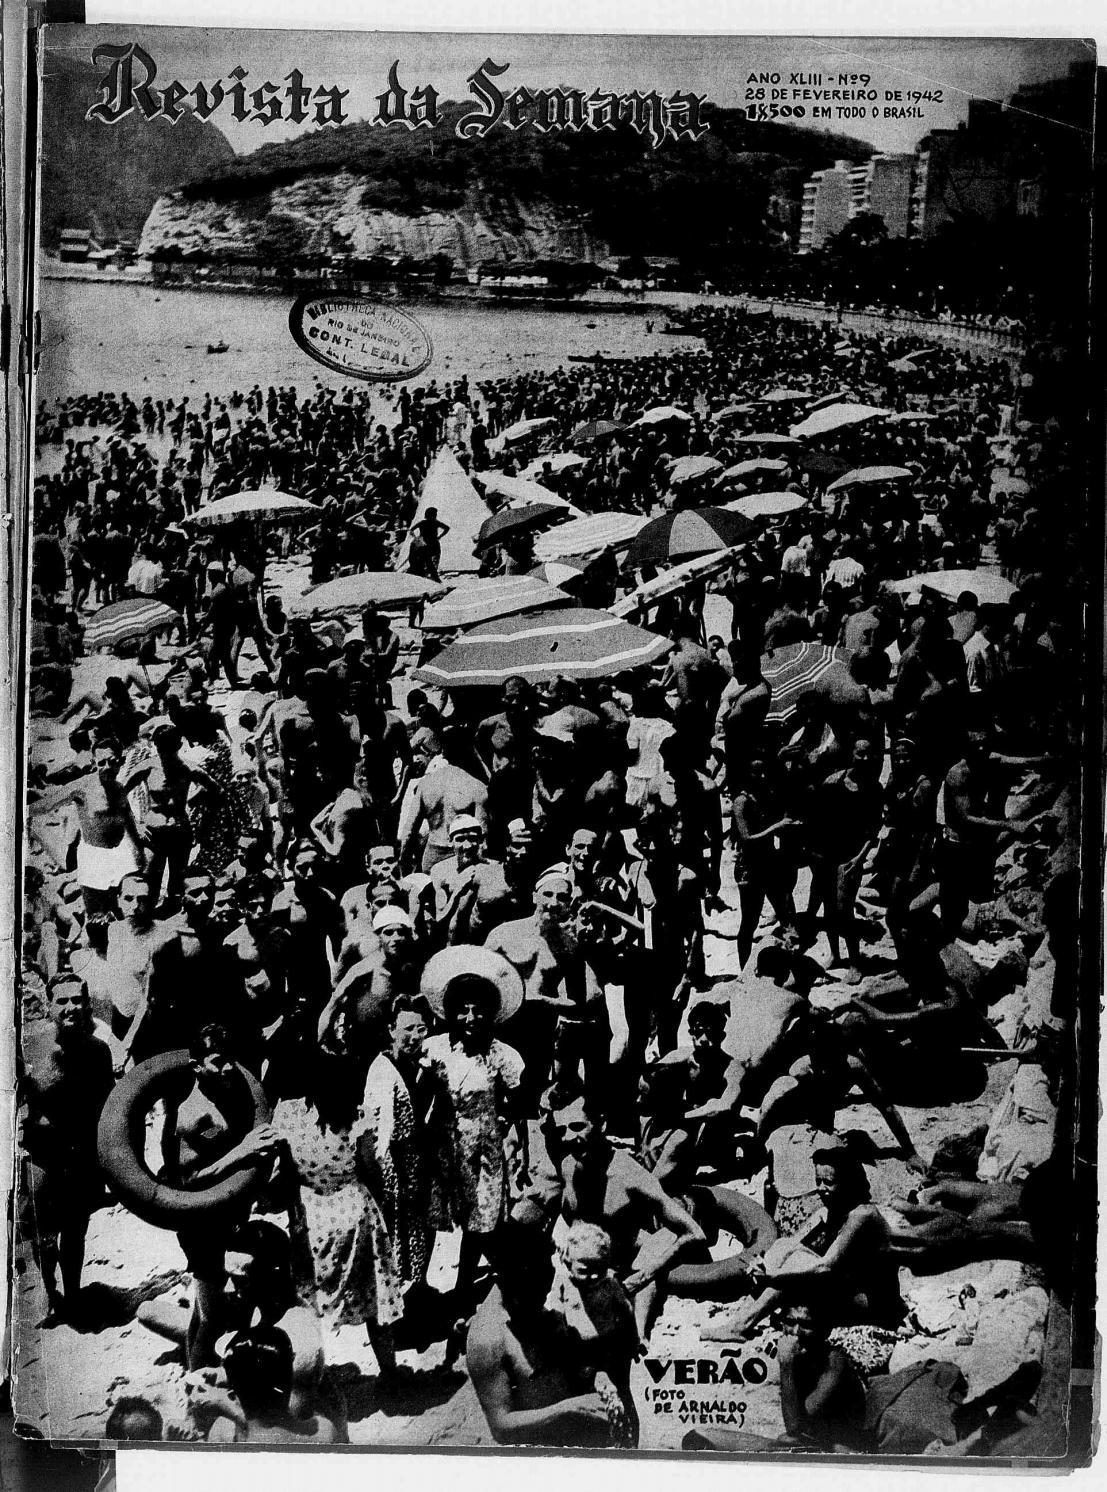 Revista da Semana fev 1942 by Radio em Revista - issuu a8a508043c1c6